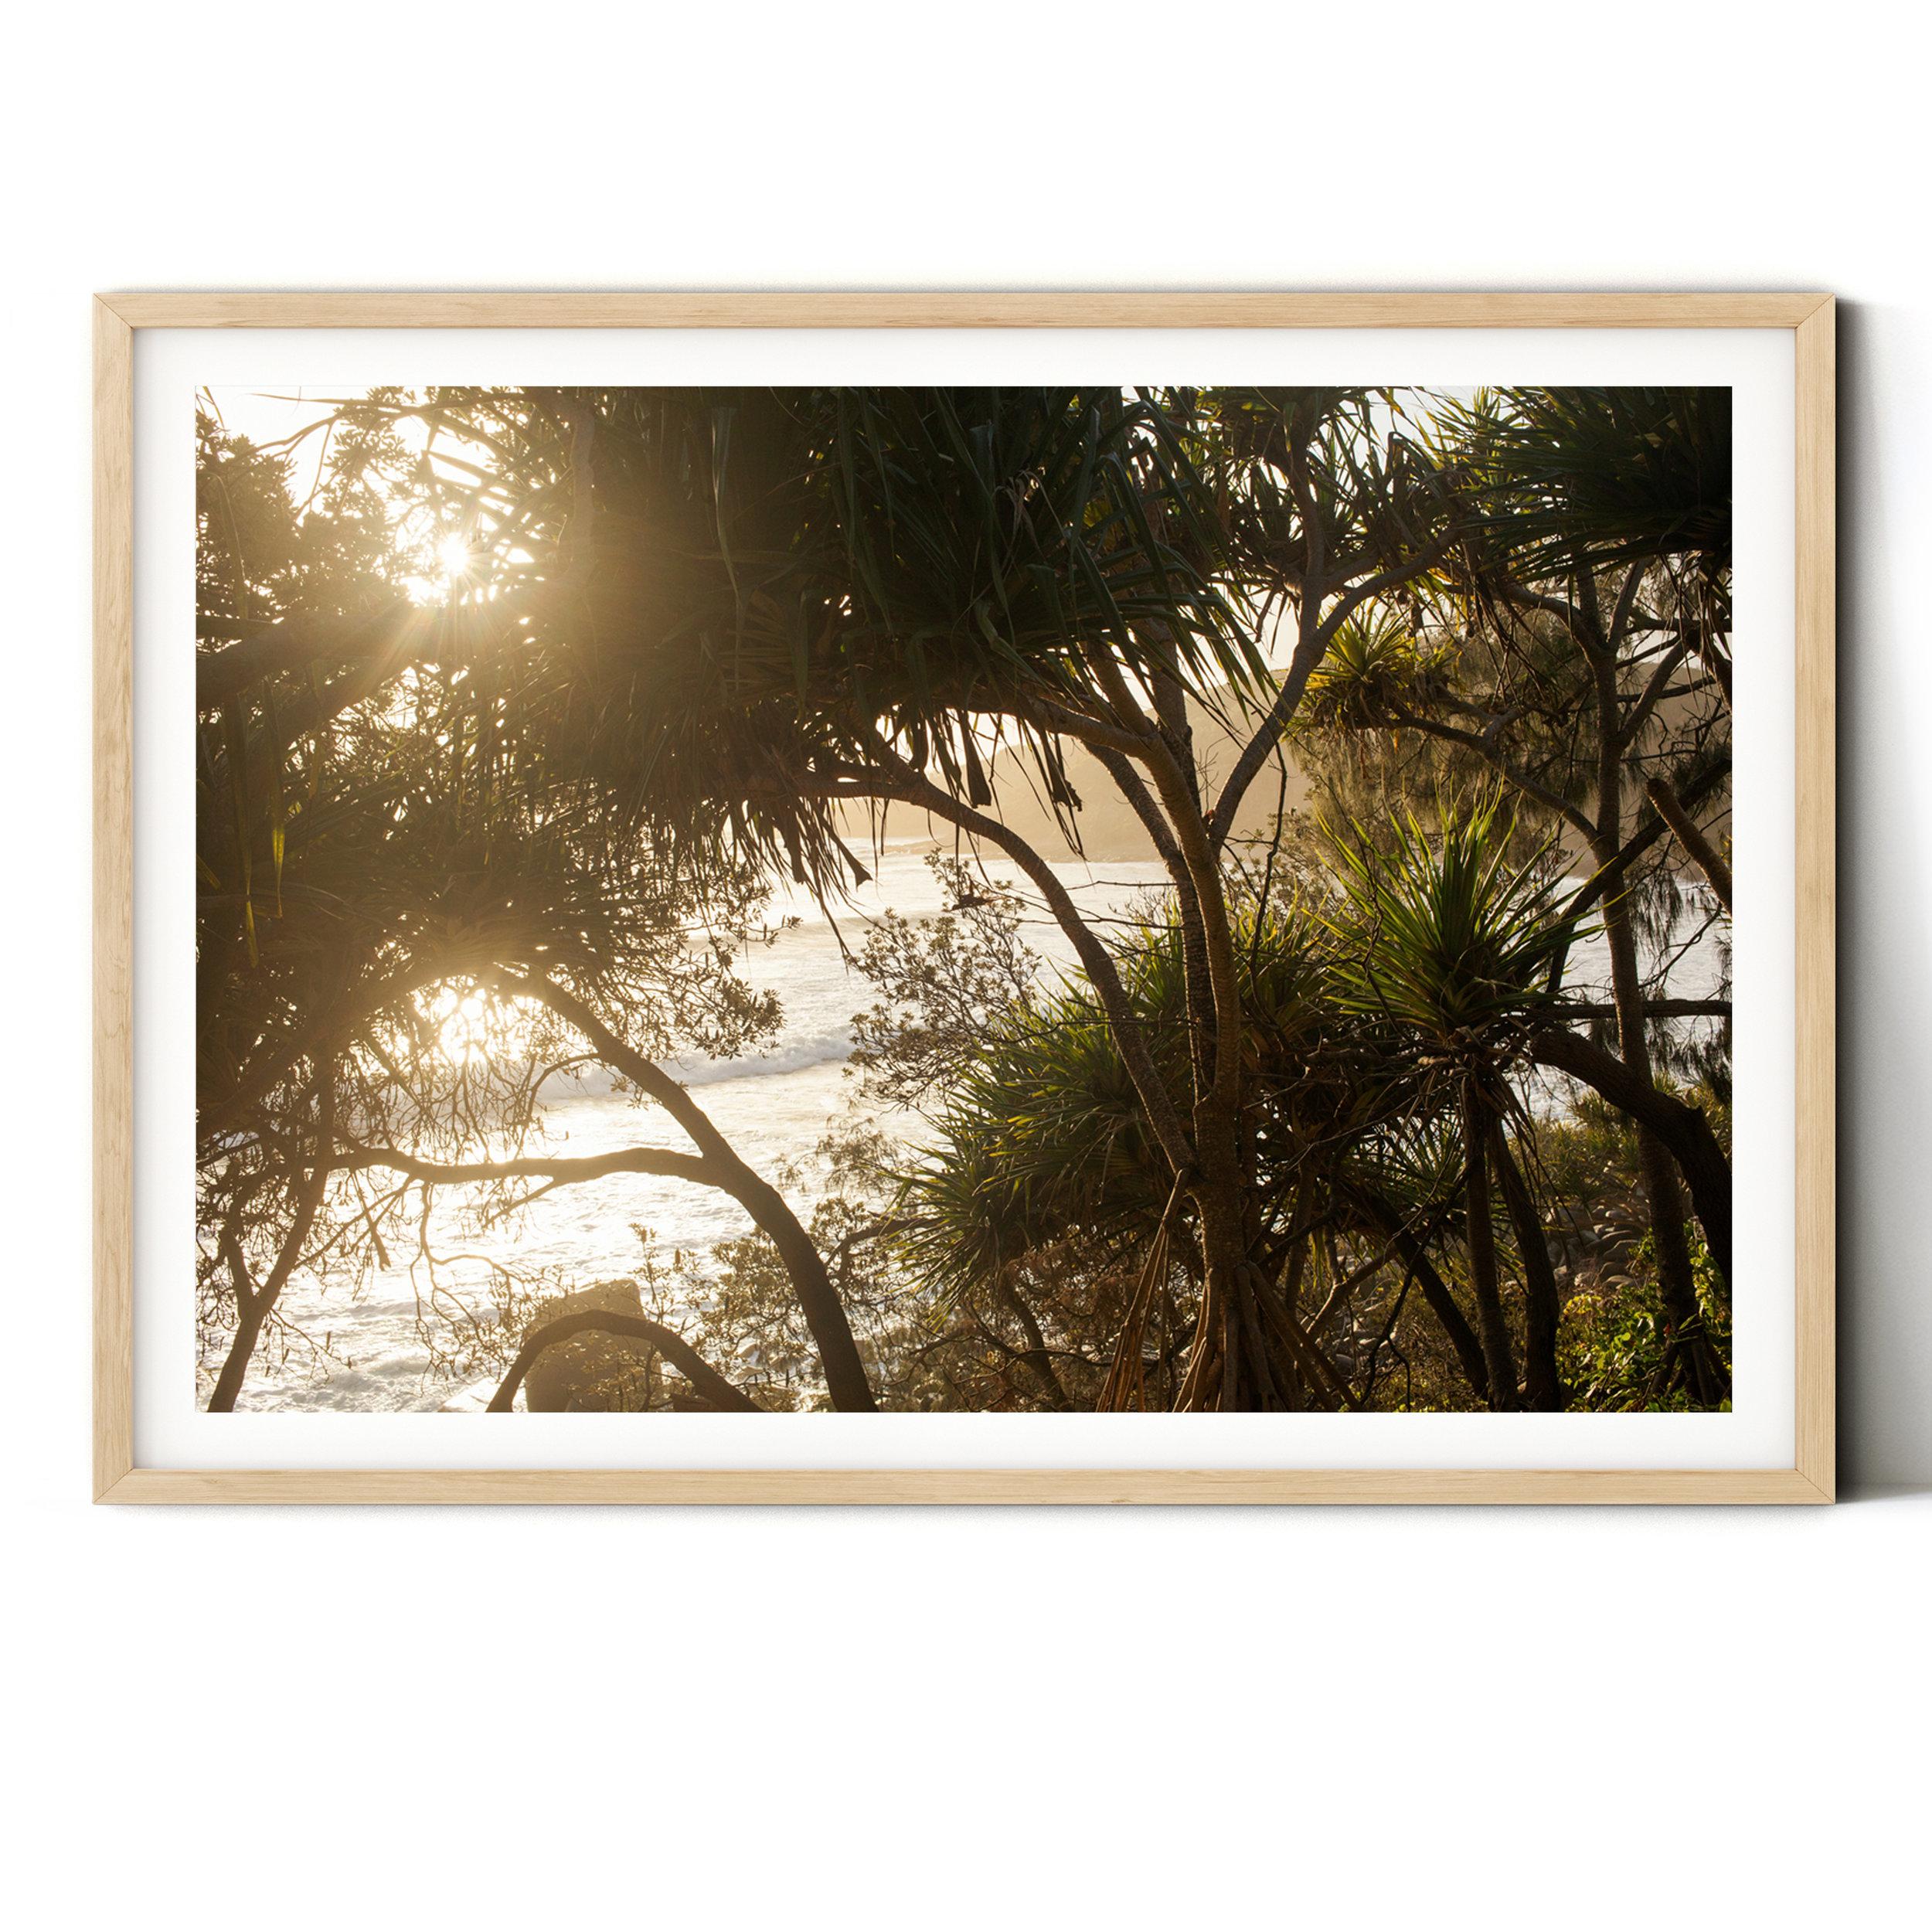 tea tree splendour - wood - plain bg.jpg